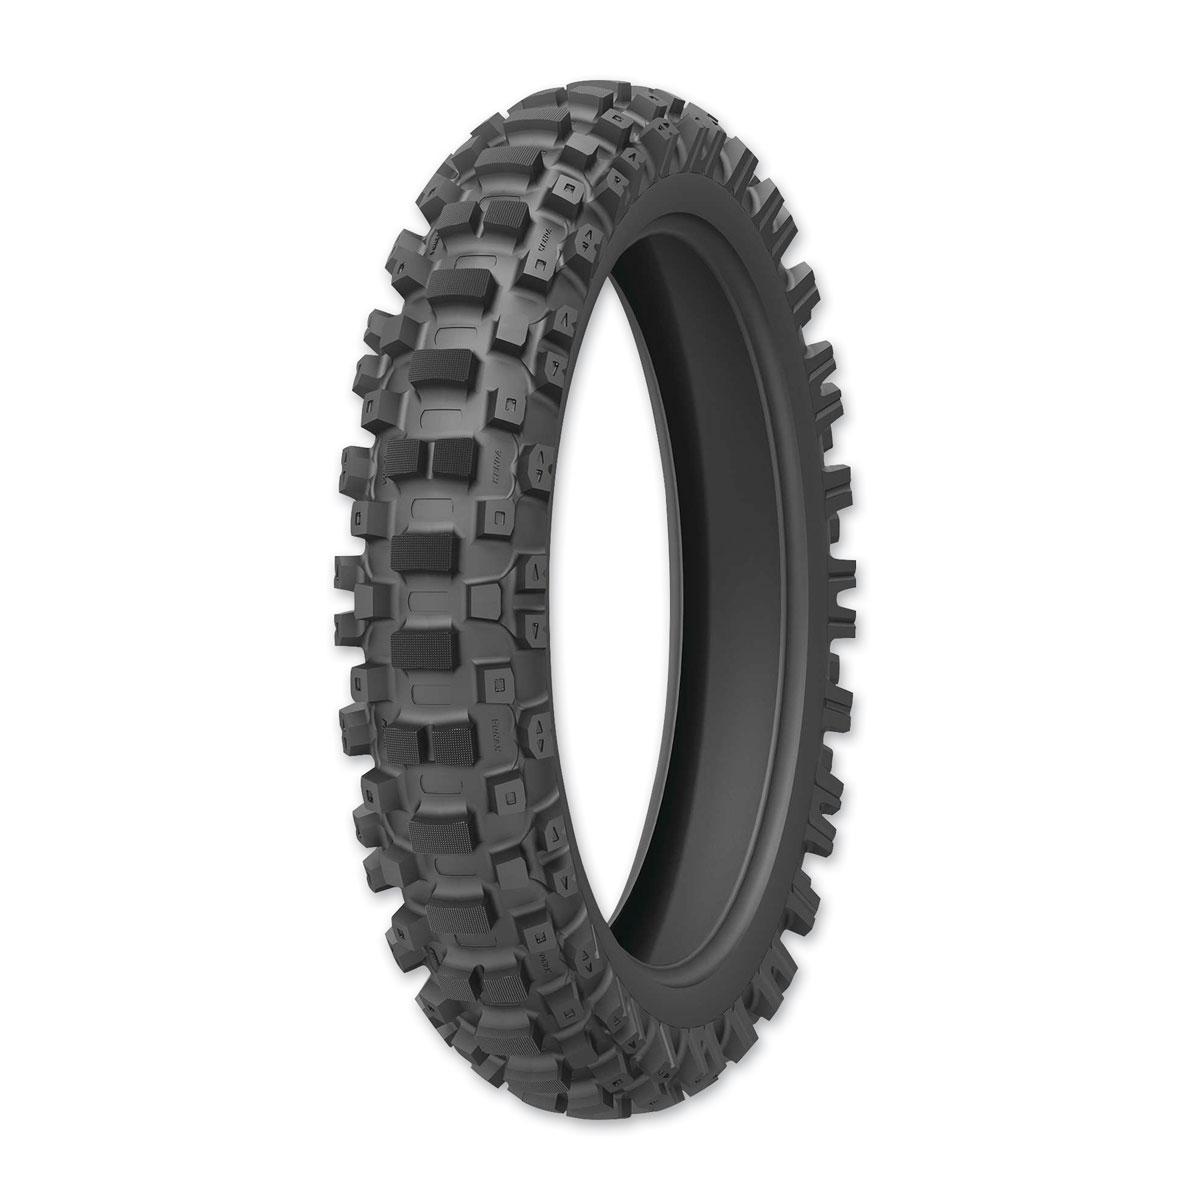 Kenda Tires Washougal II 90/100-16 Rear Tire